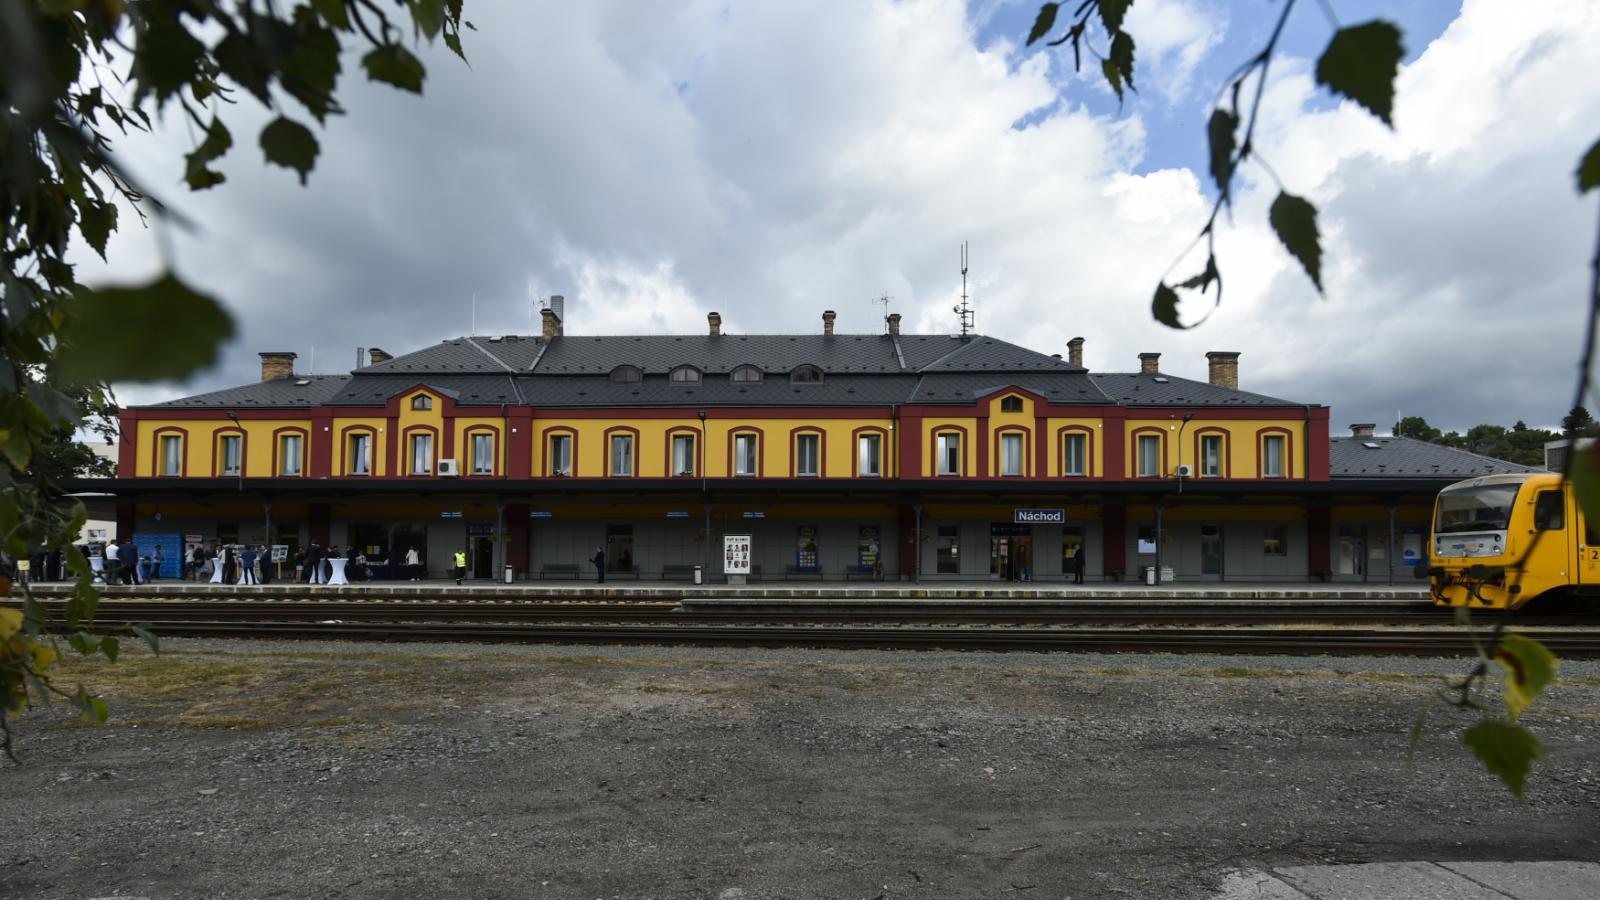 Náchodské nádraží